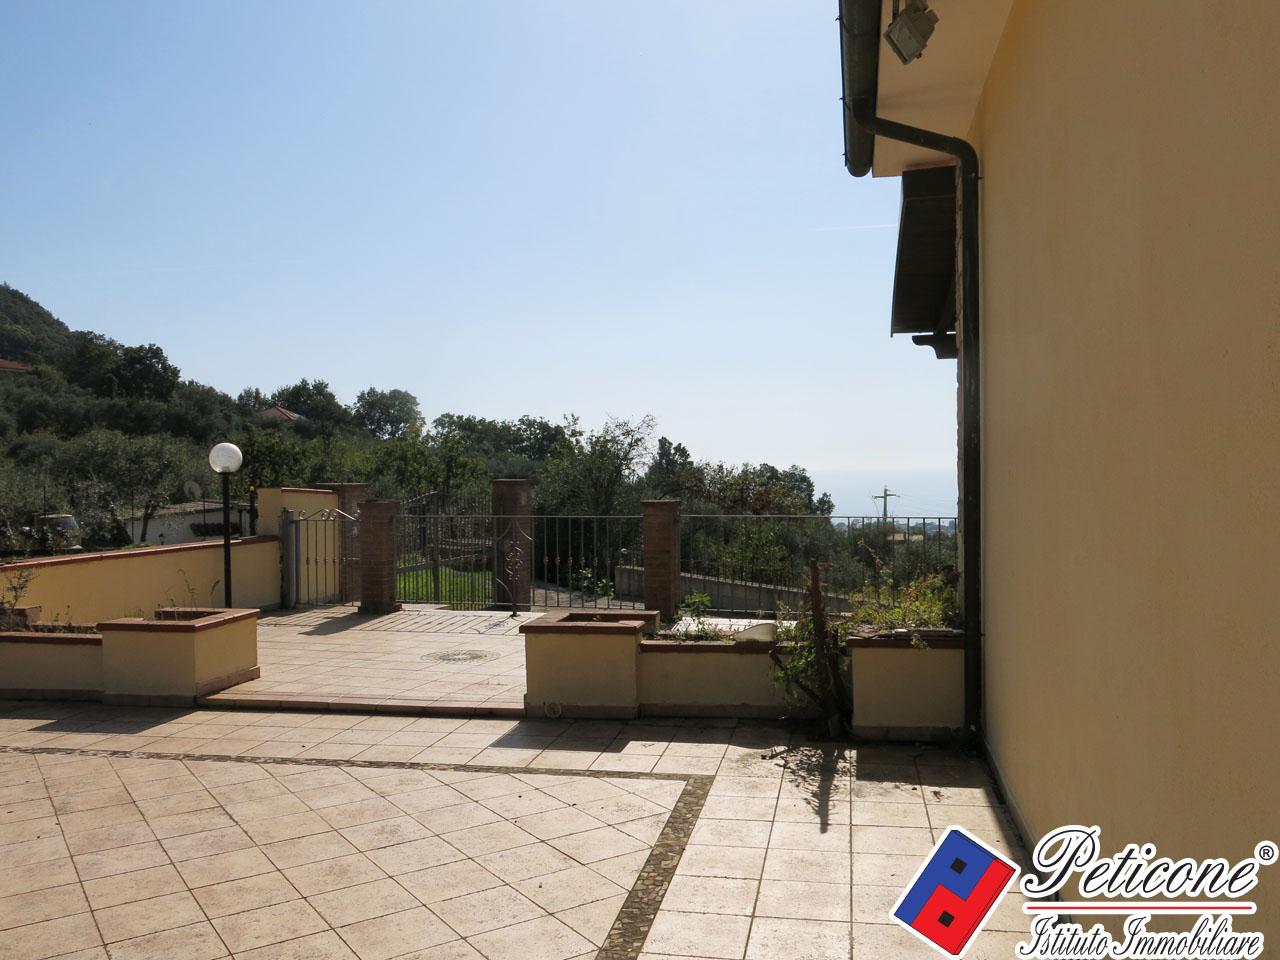 Villa in Vendita a Formia: 4 locali, 90 mq - Foto 16